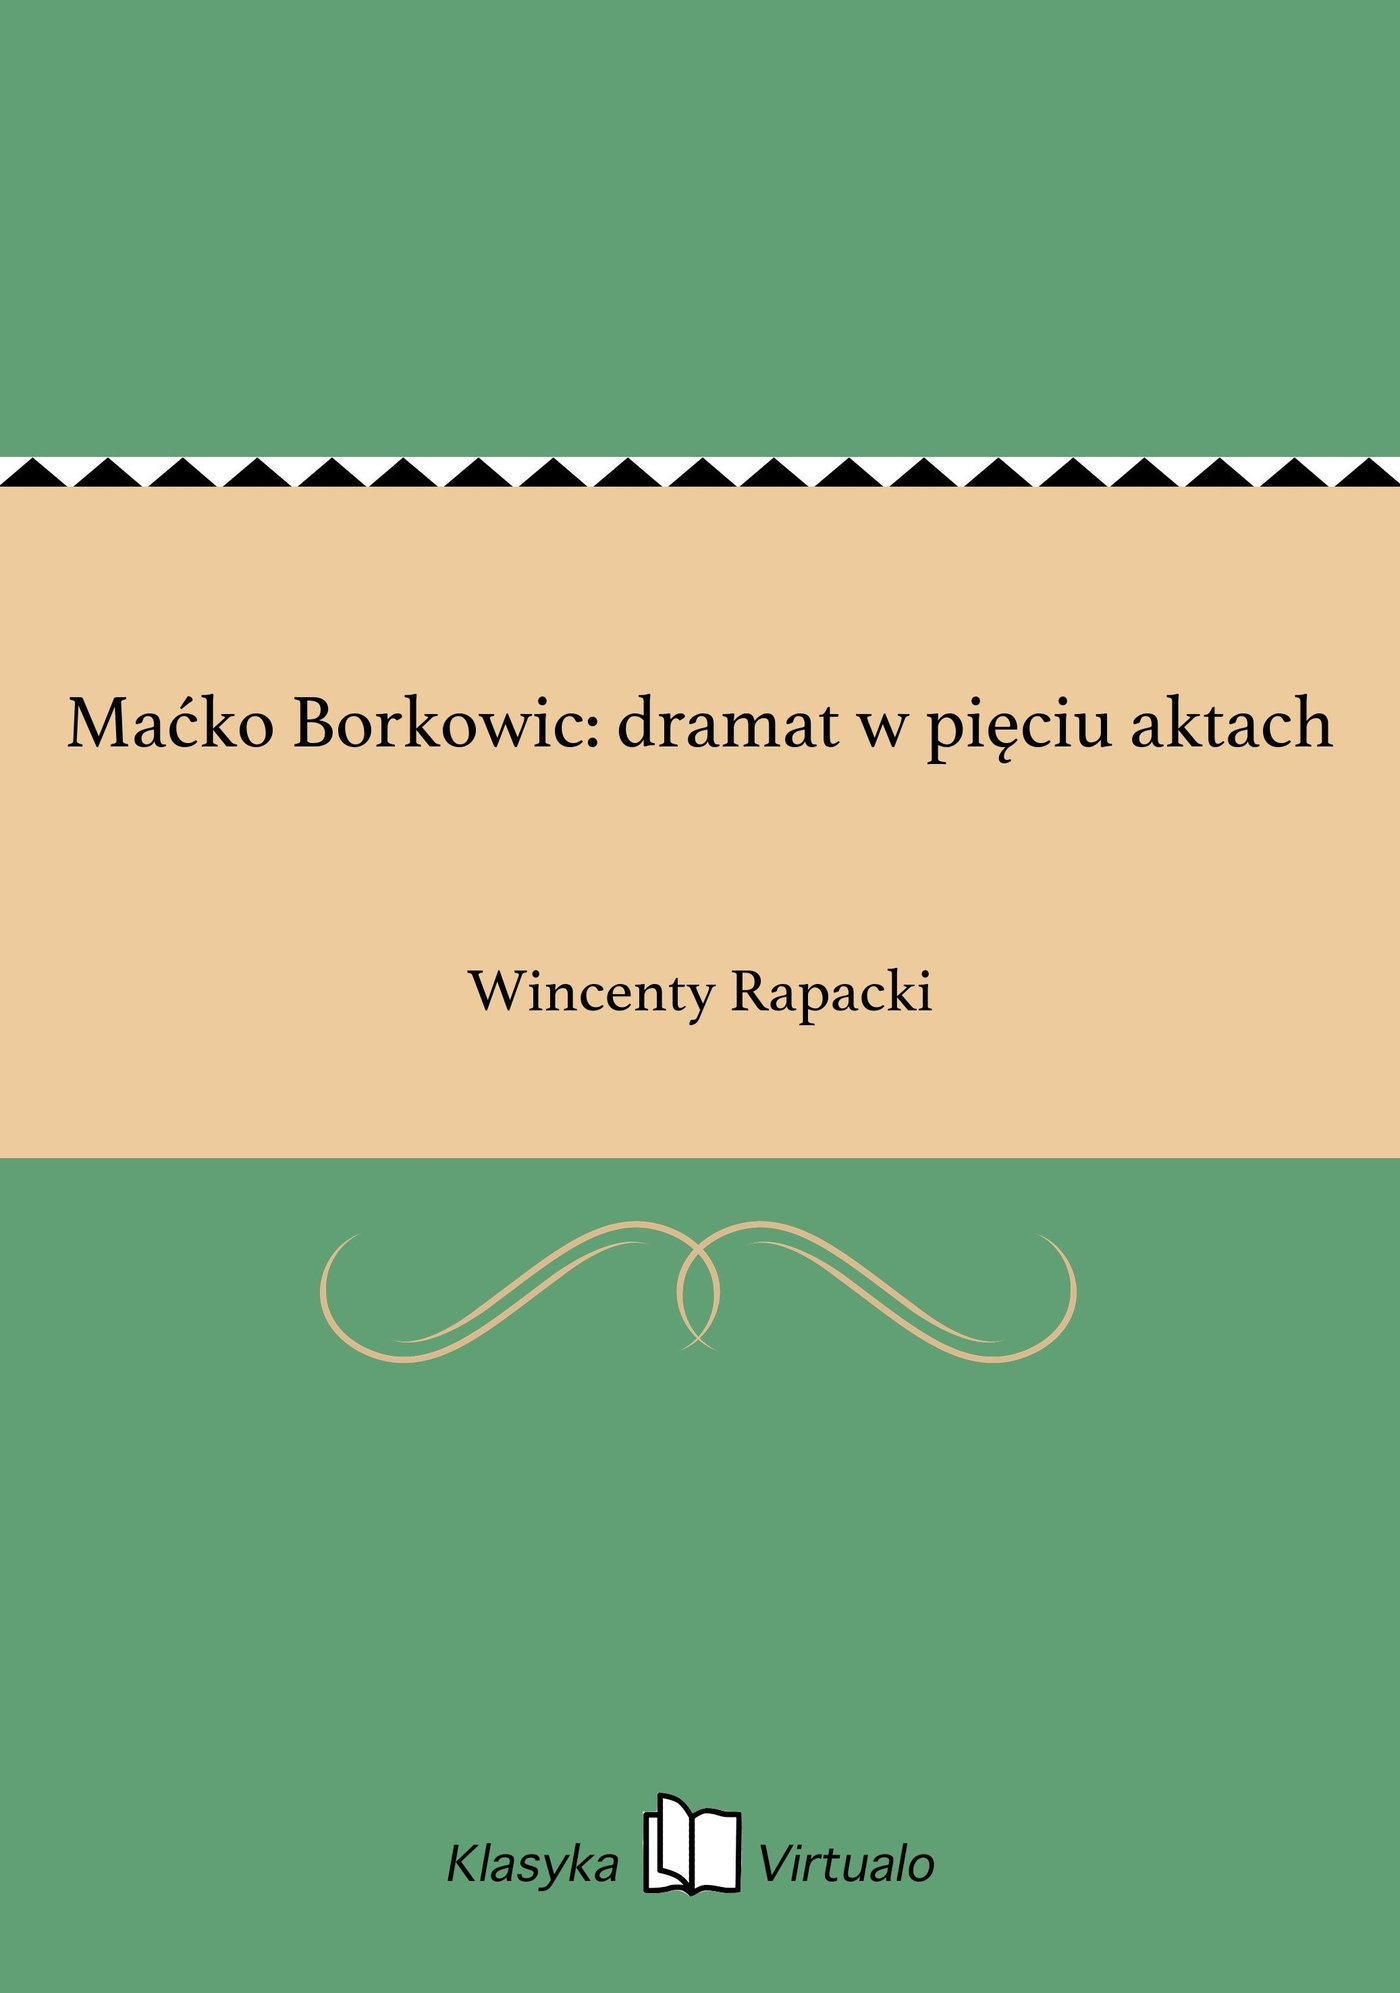 Maćko Borkowic: dramat w pięciu aktach - Ebook (Książka EPUB) do pobrania w formacie EPUB